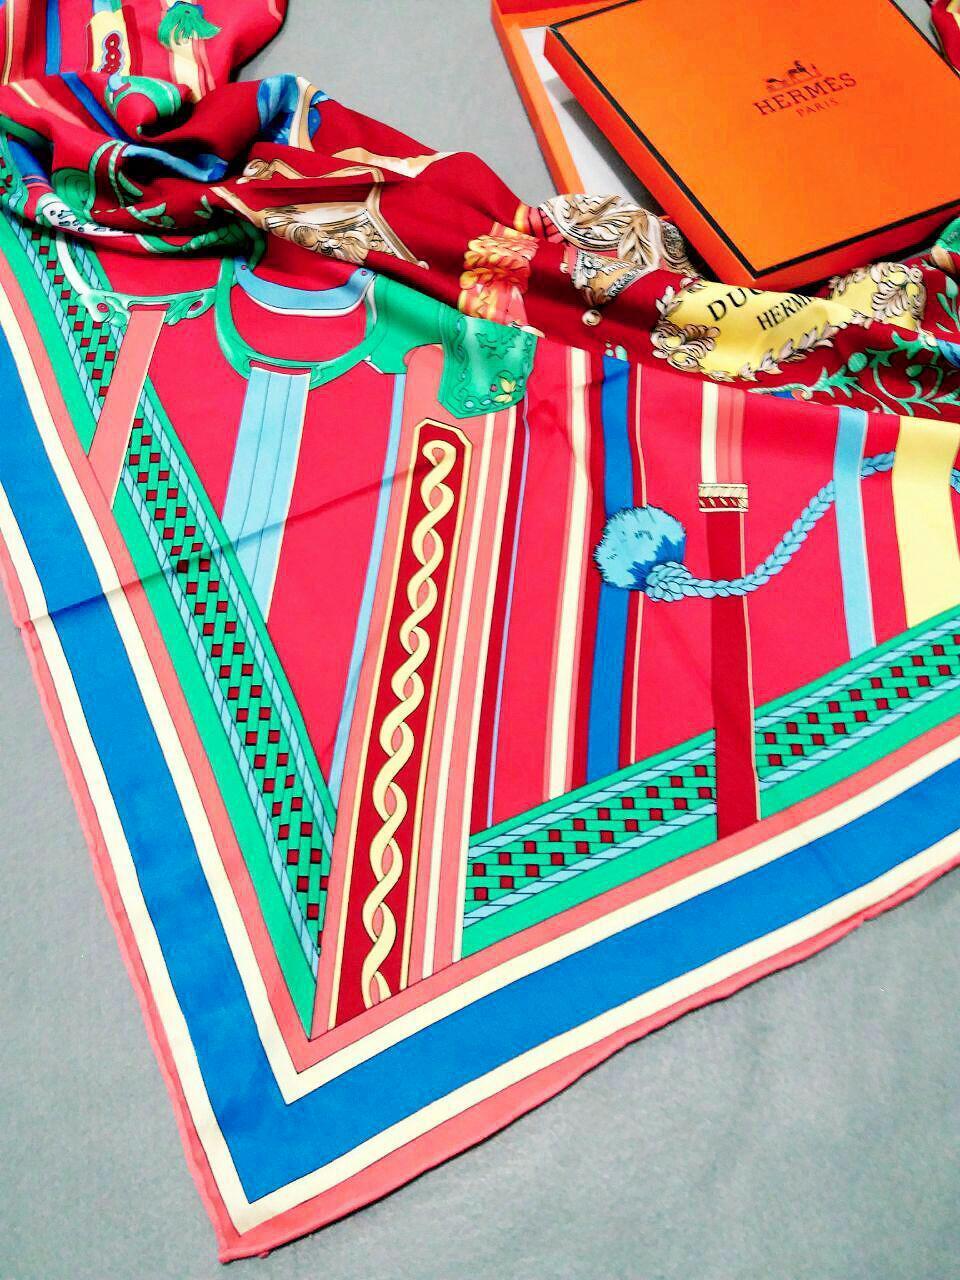 روسری ابریشمی مدل جدید توییل کج راه هرمسsr-n240 از نمای نزدیک